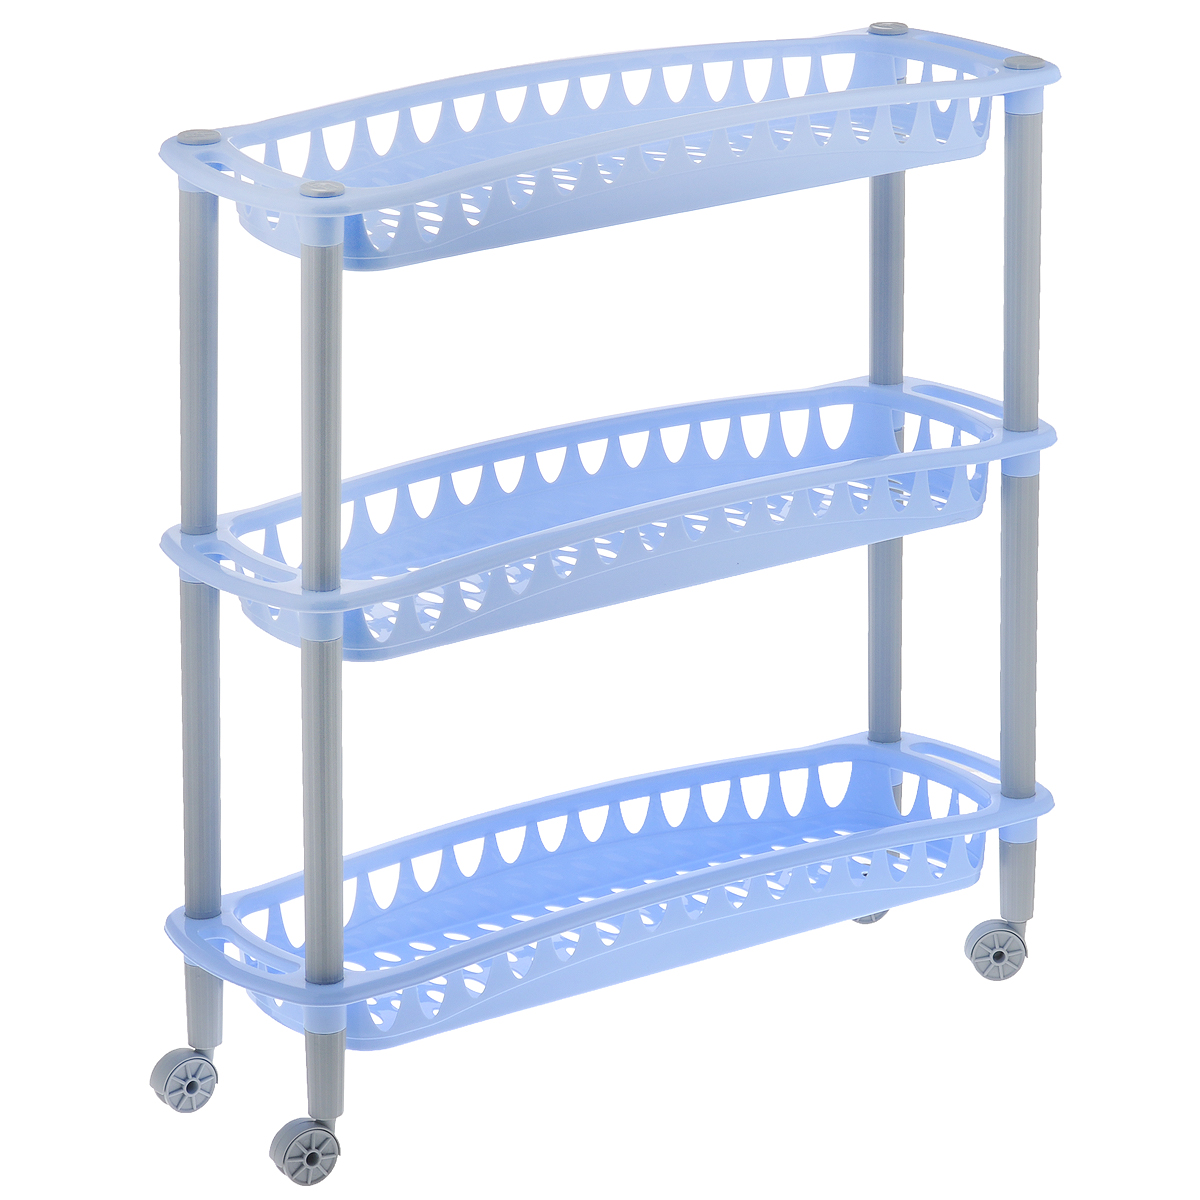 Этажерка Бытпласт Джулия, 3-ярусная, цвет: голубой, на колесиках, 59 х 18 х 61 смС12415Этажерка Бытпласт Джулия выполнена из высококачественного прочногопластика и предназначена для хранения различных предметов. Изделие имеет 3полки прямоугольной формы с перфорированными стенками. Благодаря колесикам этажерку можно перемещать в любую сторону без особых усилий.В ванной комнате вы можете использовать этажерку для хранения шампуней,гелей, жидкого мыла, стиральных порошков, полотенец и т.д.Ручной инструмент и детали в вашем гараже всегда будут под рукой. Удобноставить банки с краской, бутылки с растворителем.В гостиной этажерка позволит удобно хранить под рукой книги, журналы,газеты.С помощью этажерки также легко навести порядок в детской, она позволитудобно и компактно хранить игрушки, письменные принадлежности и учебники. Этажерка - это идеальное решение для любого помещения. Она поможетподдерживать чистоту, компактно организовать пространство и хранить вещи впорядке, а стильный дизайн сделает этажерку ярким украшениеминтерьера.Размер этажерки (ДхШхВ): 59 см х 18 см х 61 см.Размер полки (ДхШхВ): 59 см х 18 см х 6,5 см.